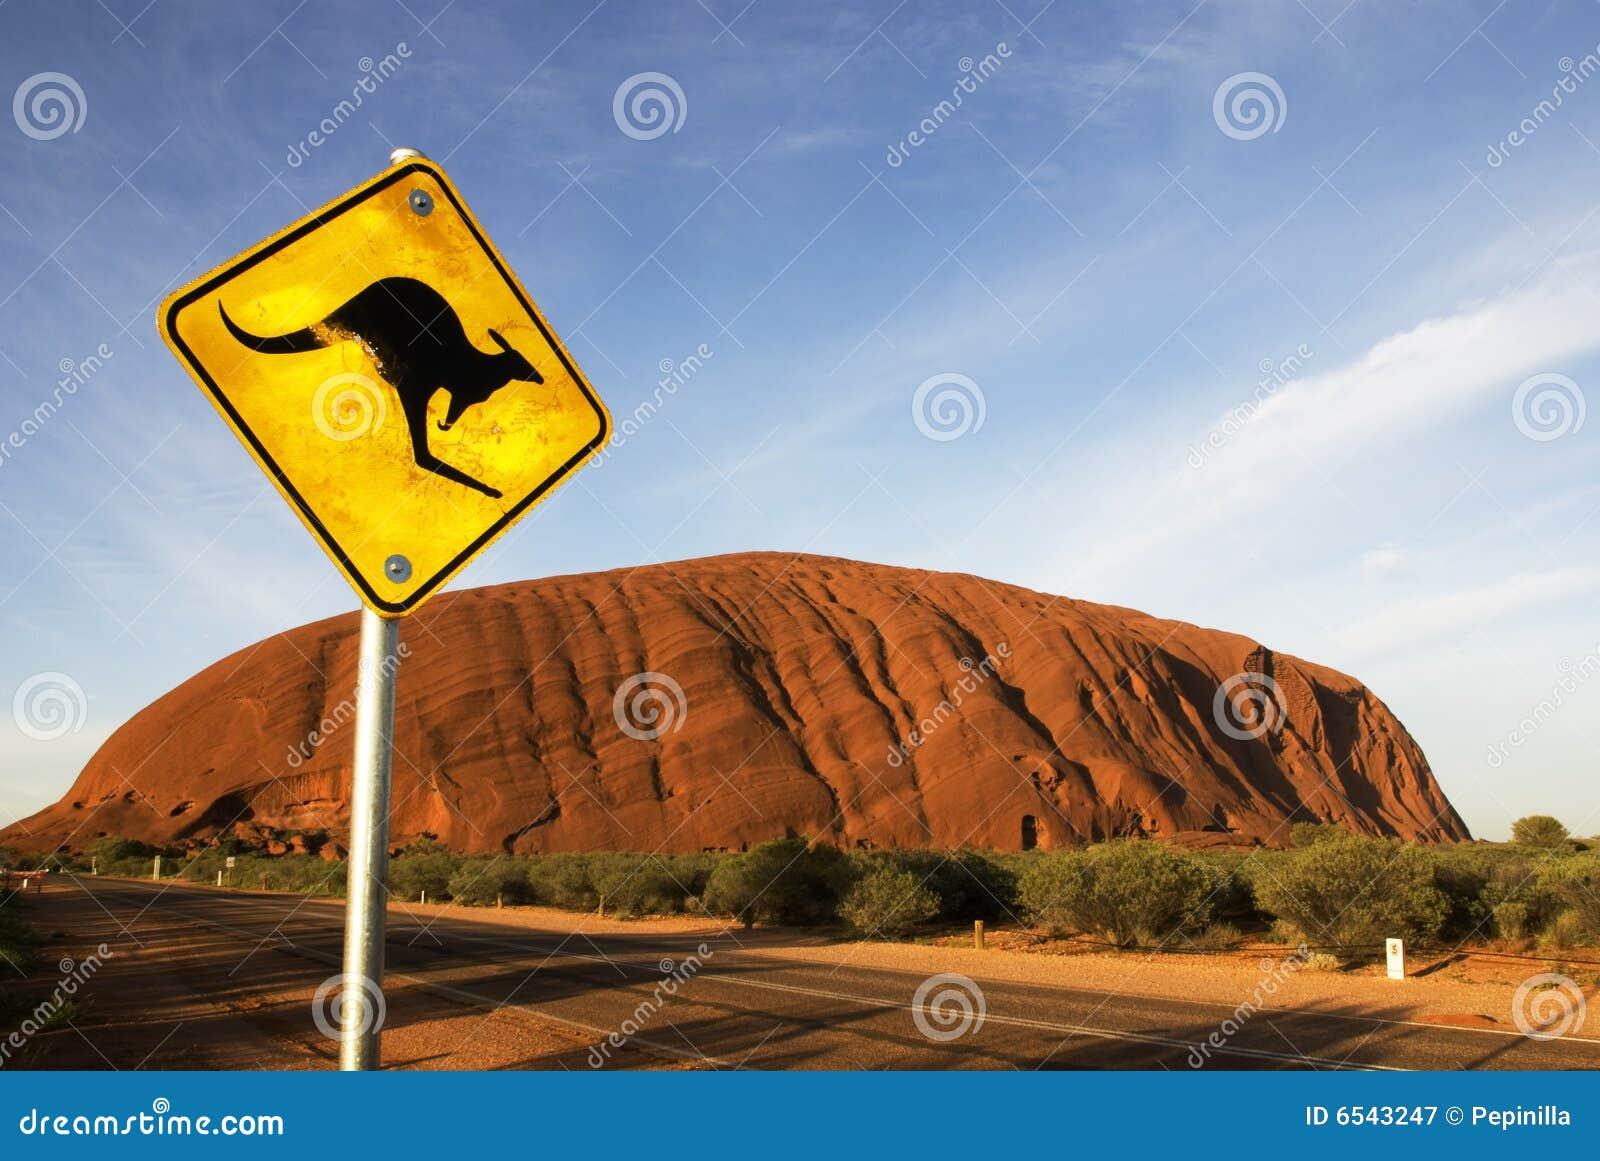 Australia interior